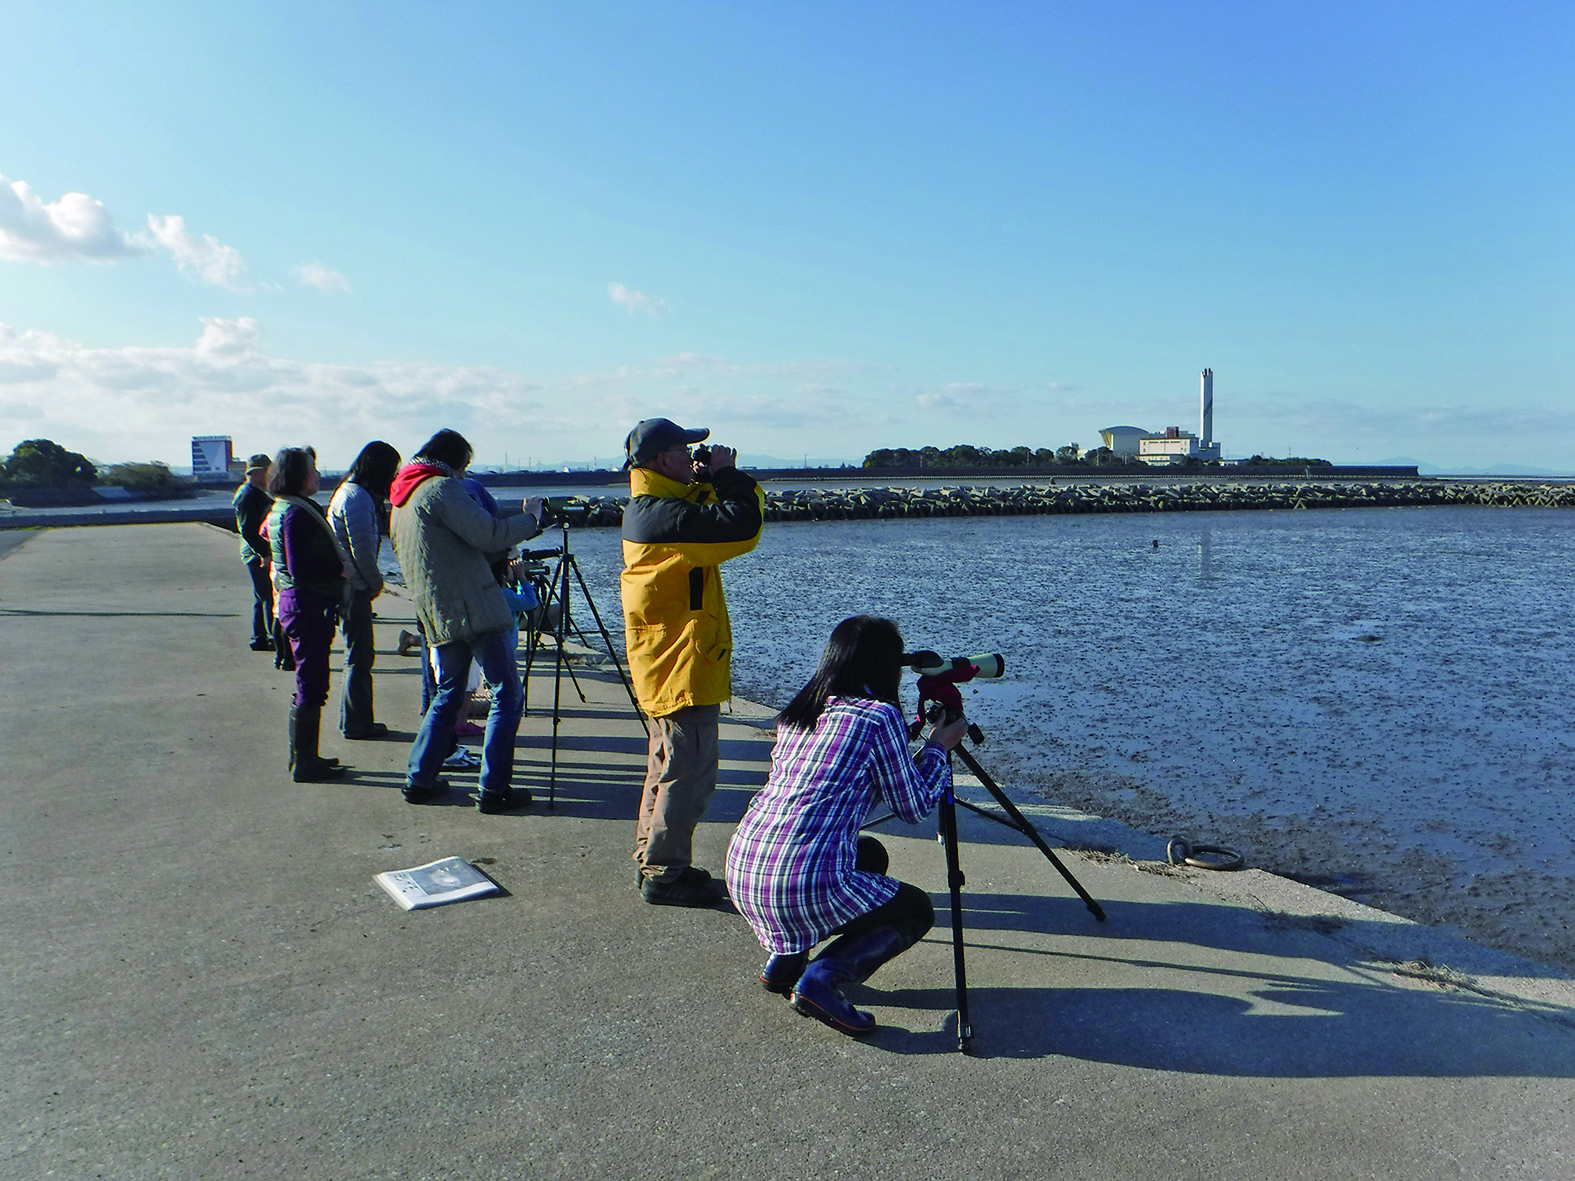 ズグロカモメと冬鳥観察会 @ ひがたらぼ   中津市   大分県   日本